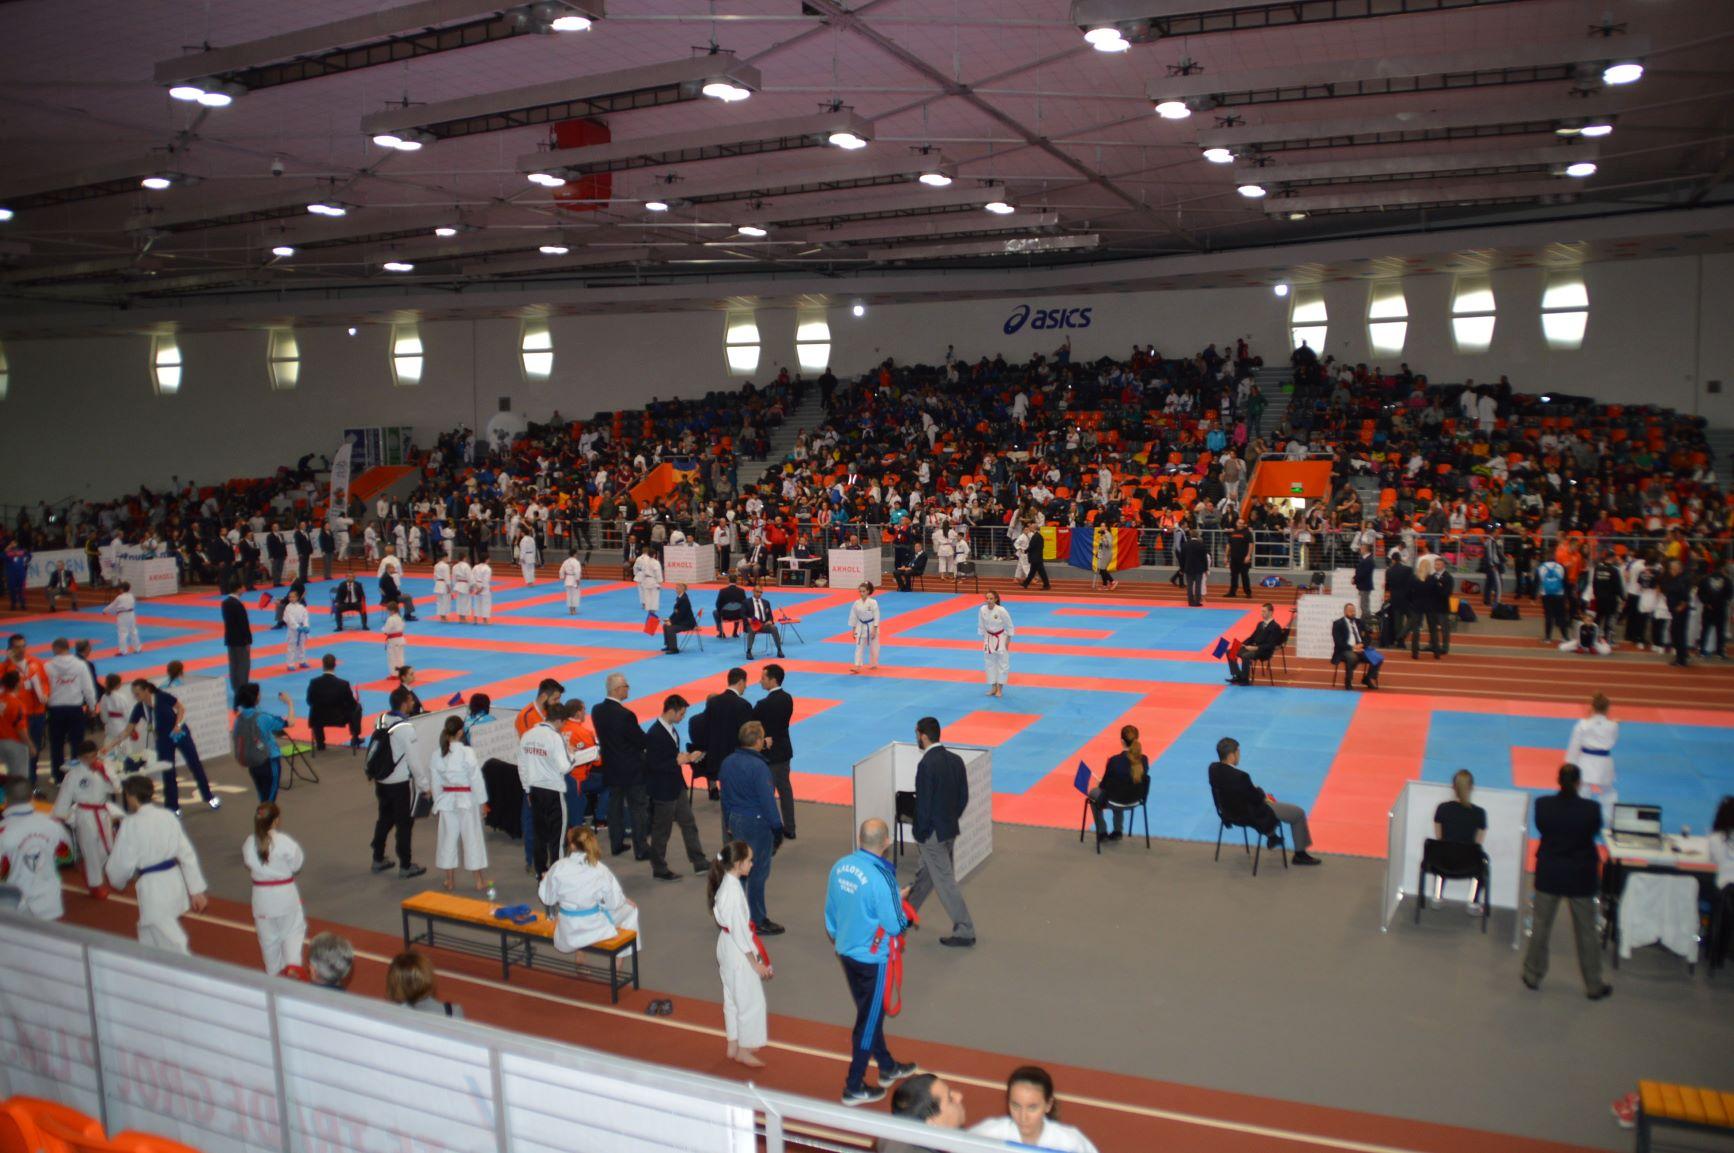 София приема голям международен турнир по карате този уикенд